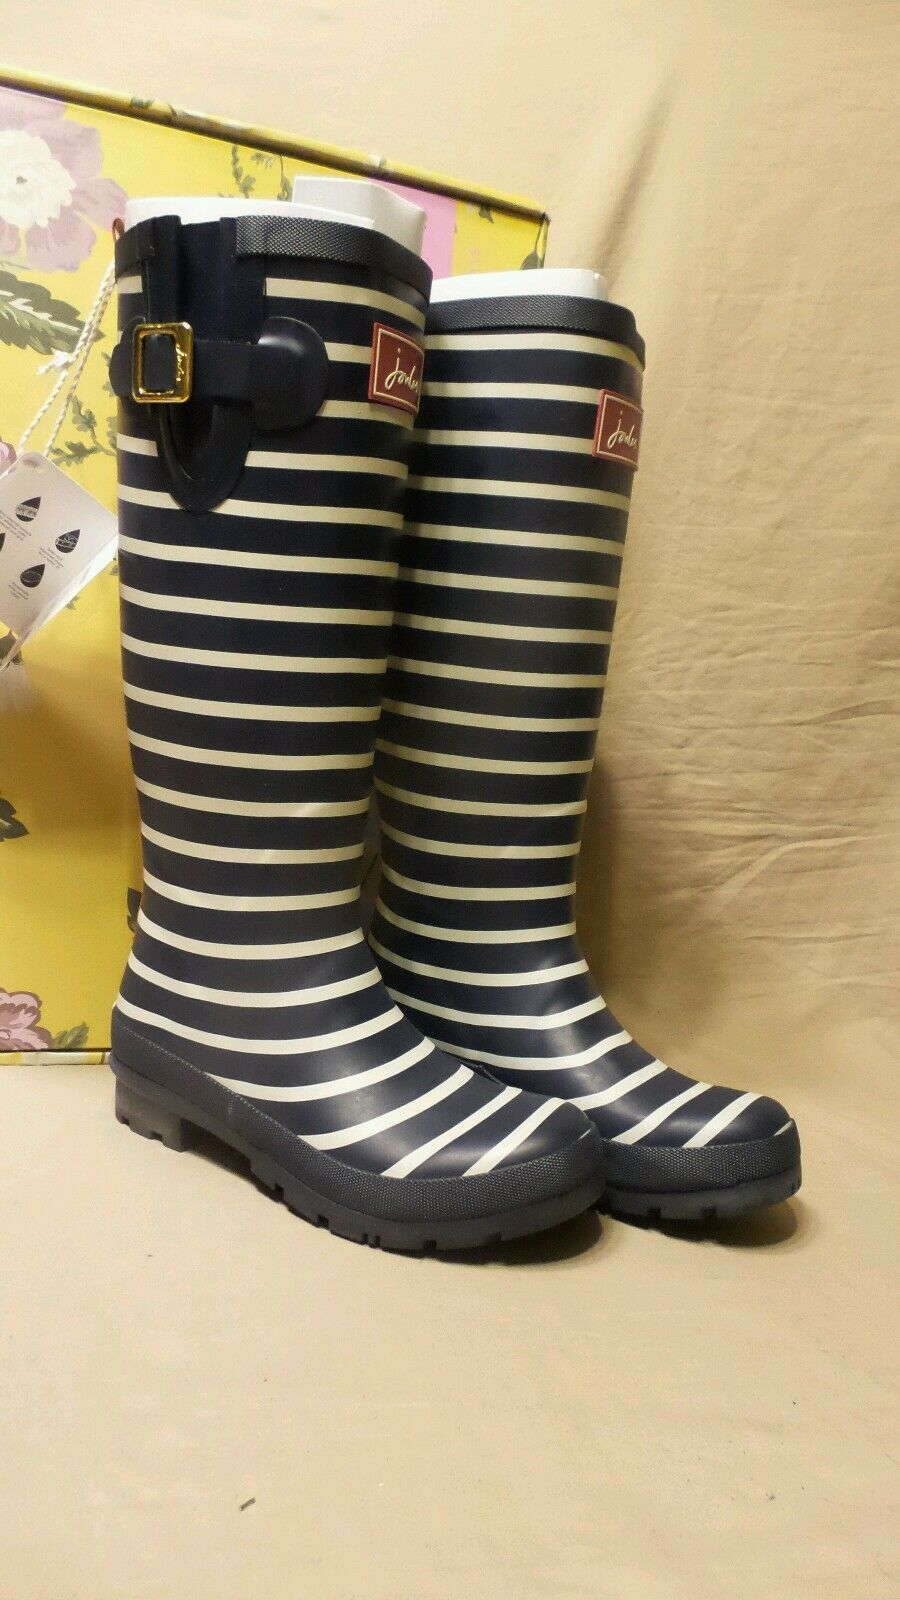 moda Donna  joules welly print flag French Navy stripe stivali stivali stivali Dimensione 6  ottima selezione e consegna rapida